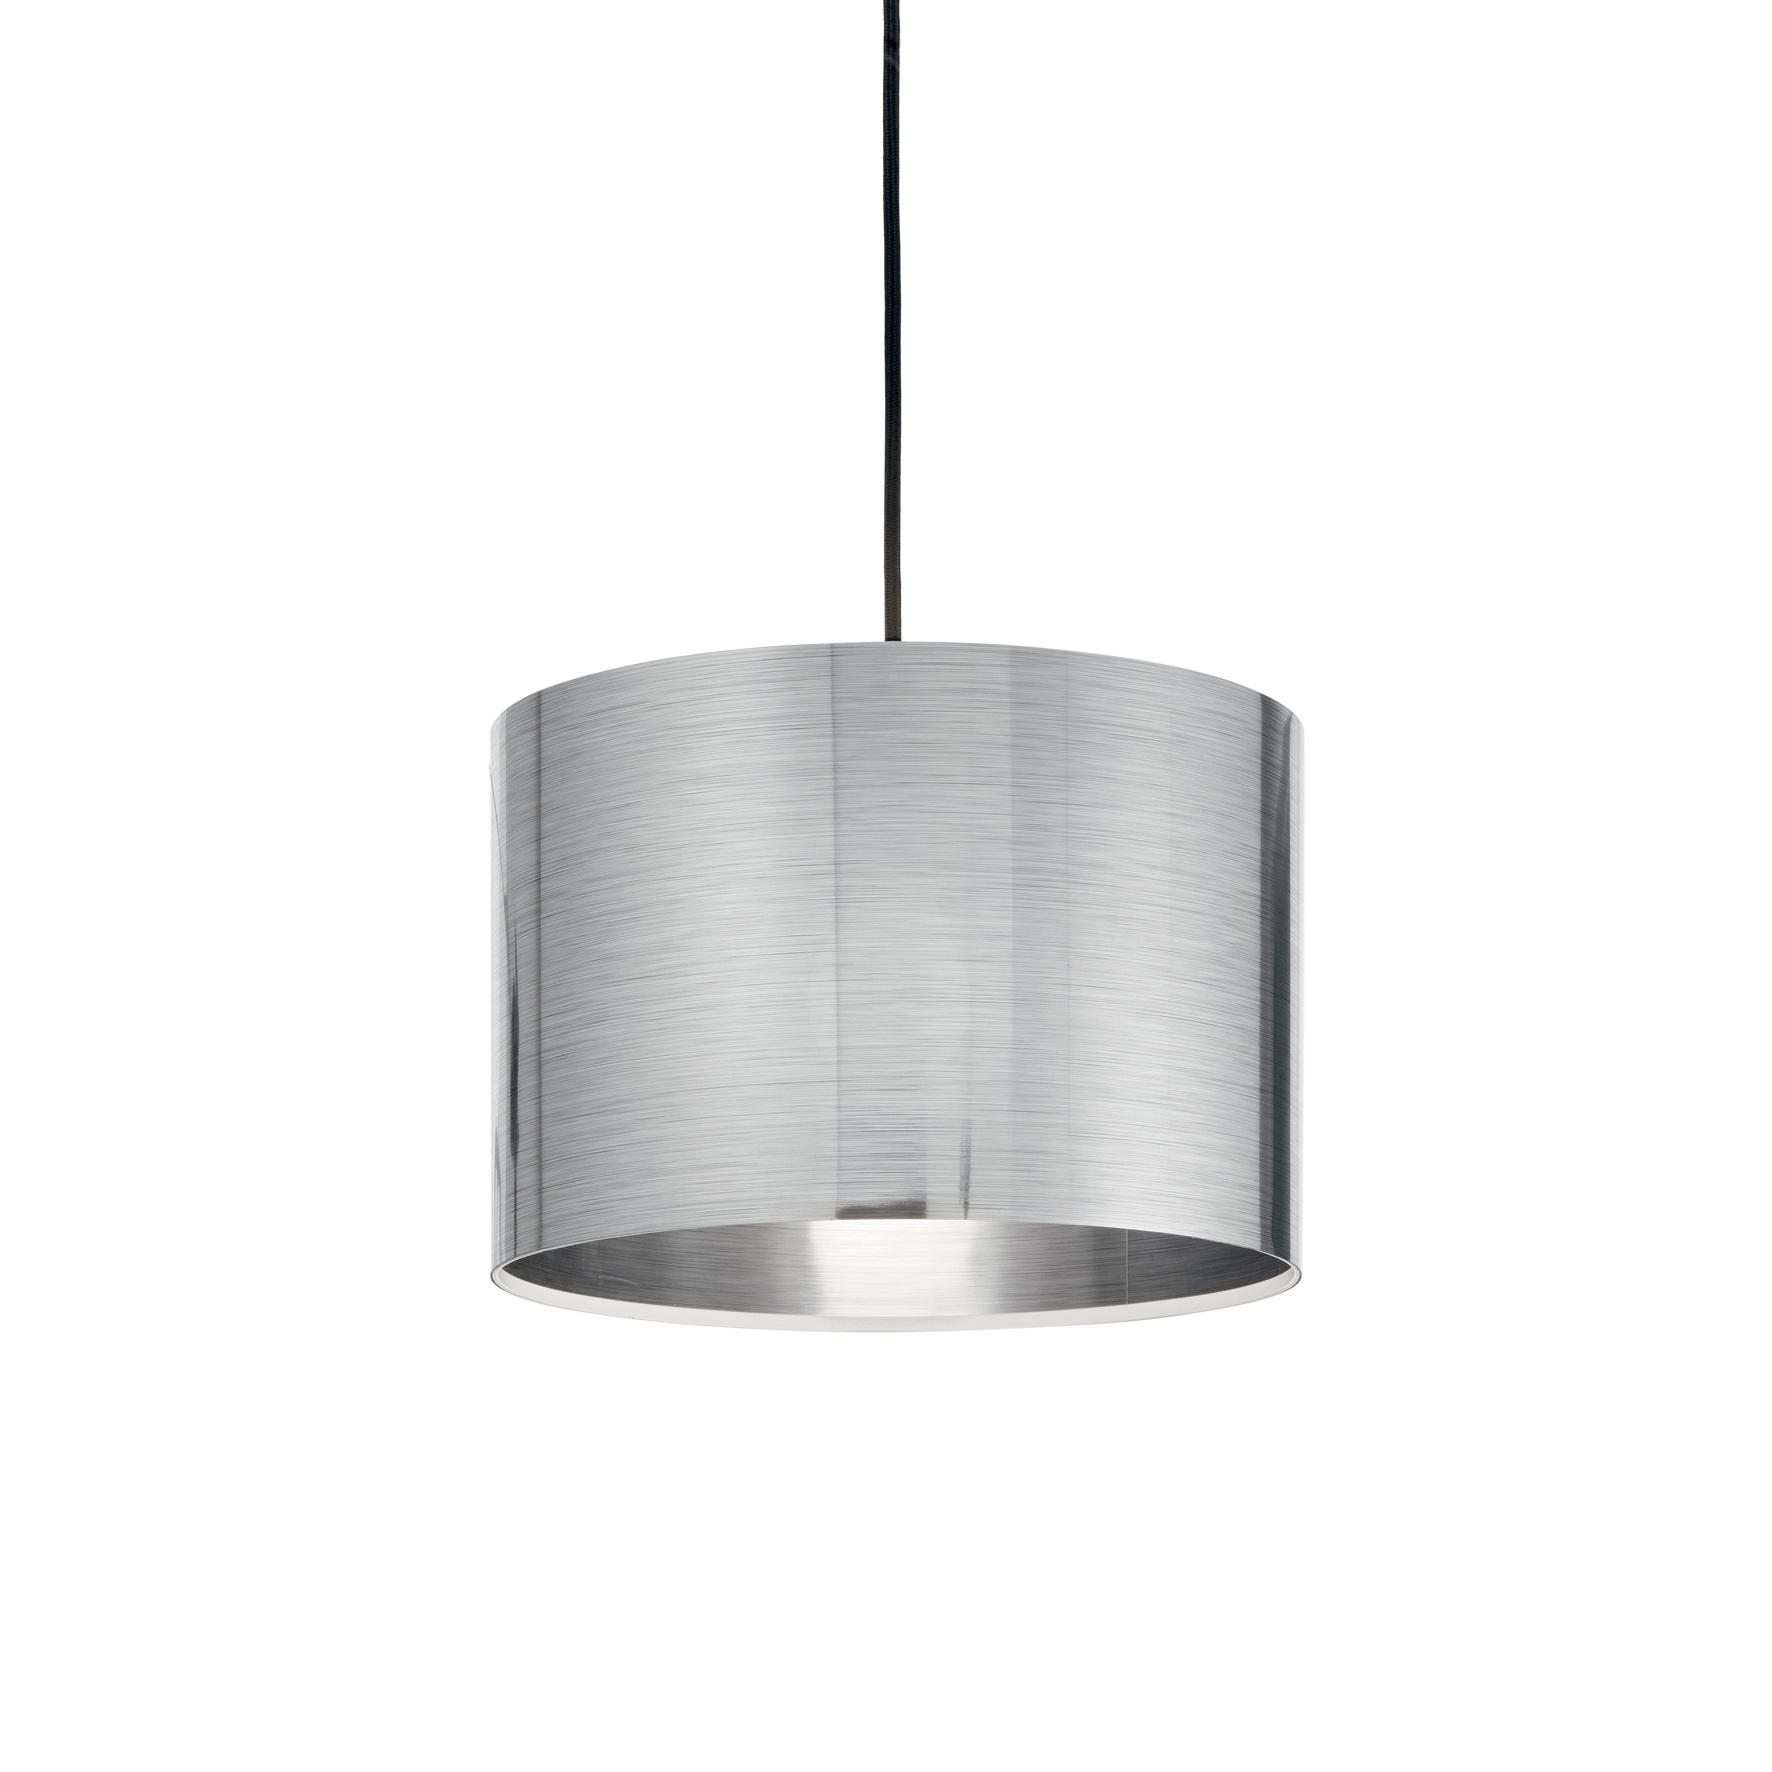 Lustra Foil SP1 Medium Aluminium